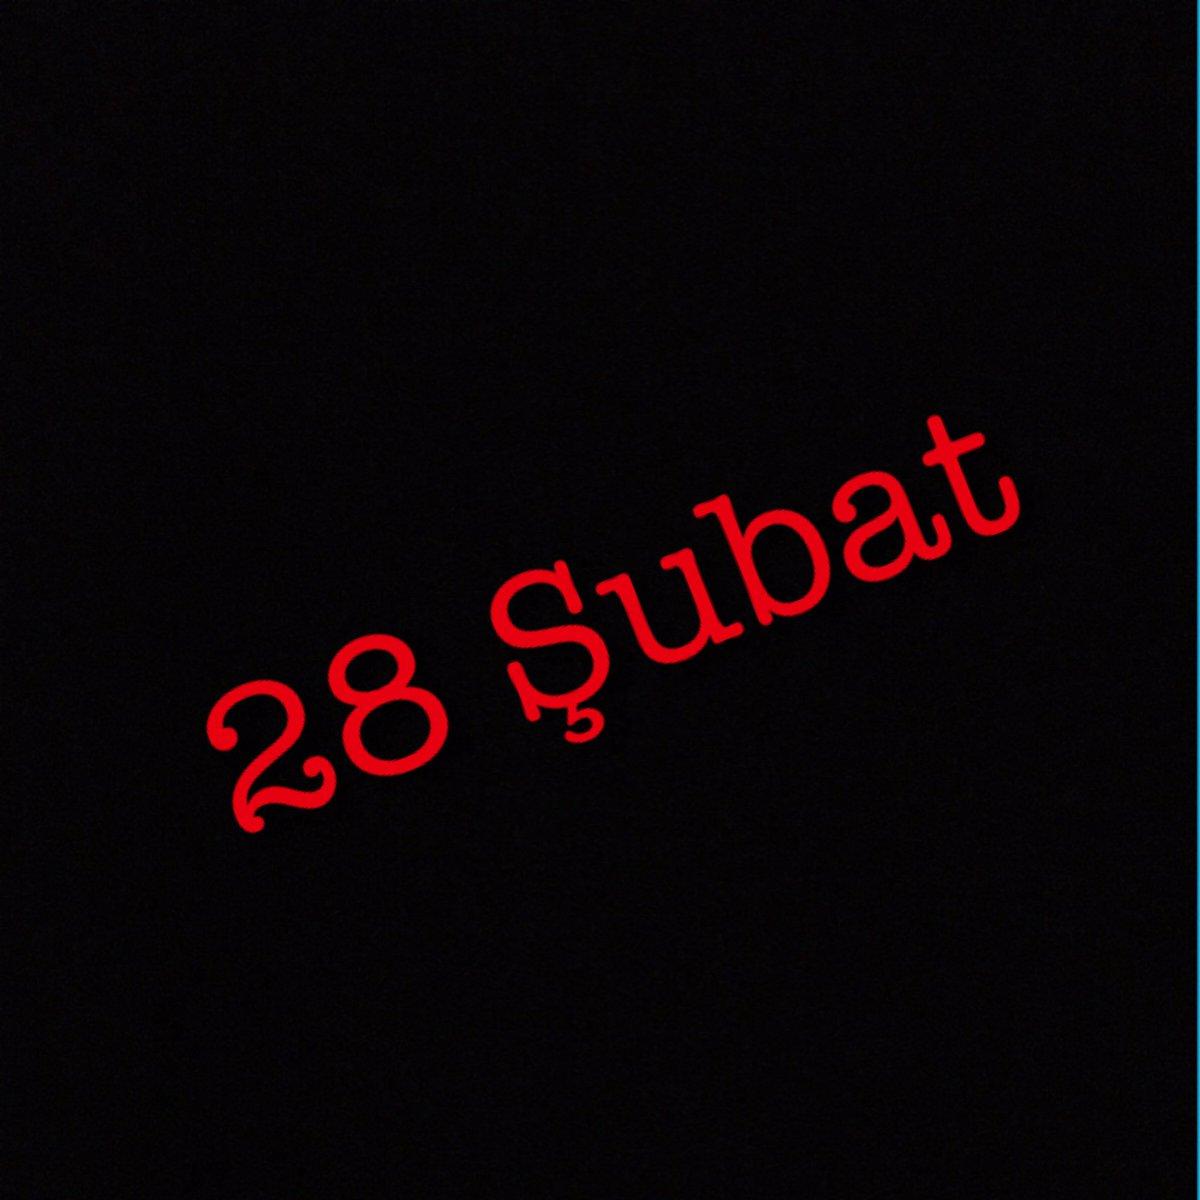 #28ŞubatDemek Ülkemizin, ortaçağ karanlığını yaşadığı gündür. https://...